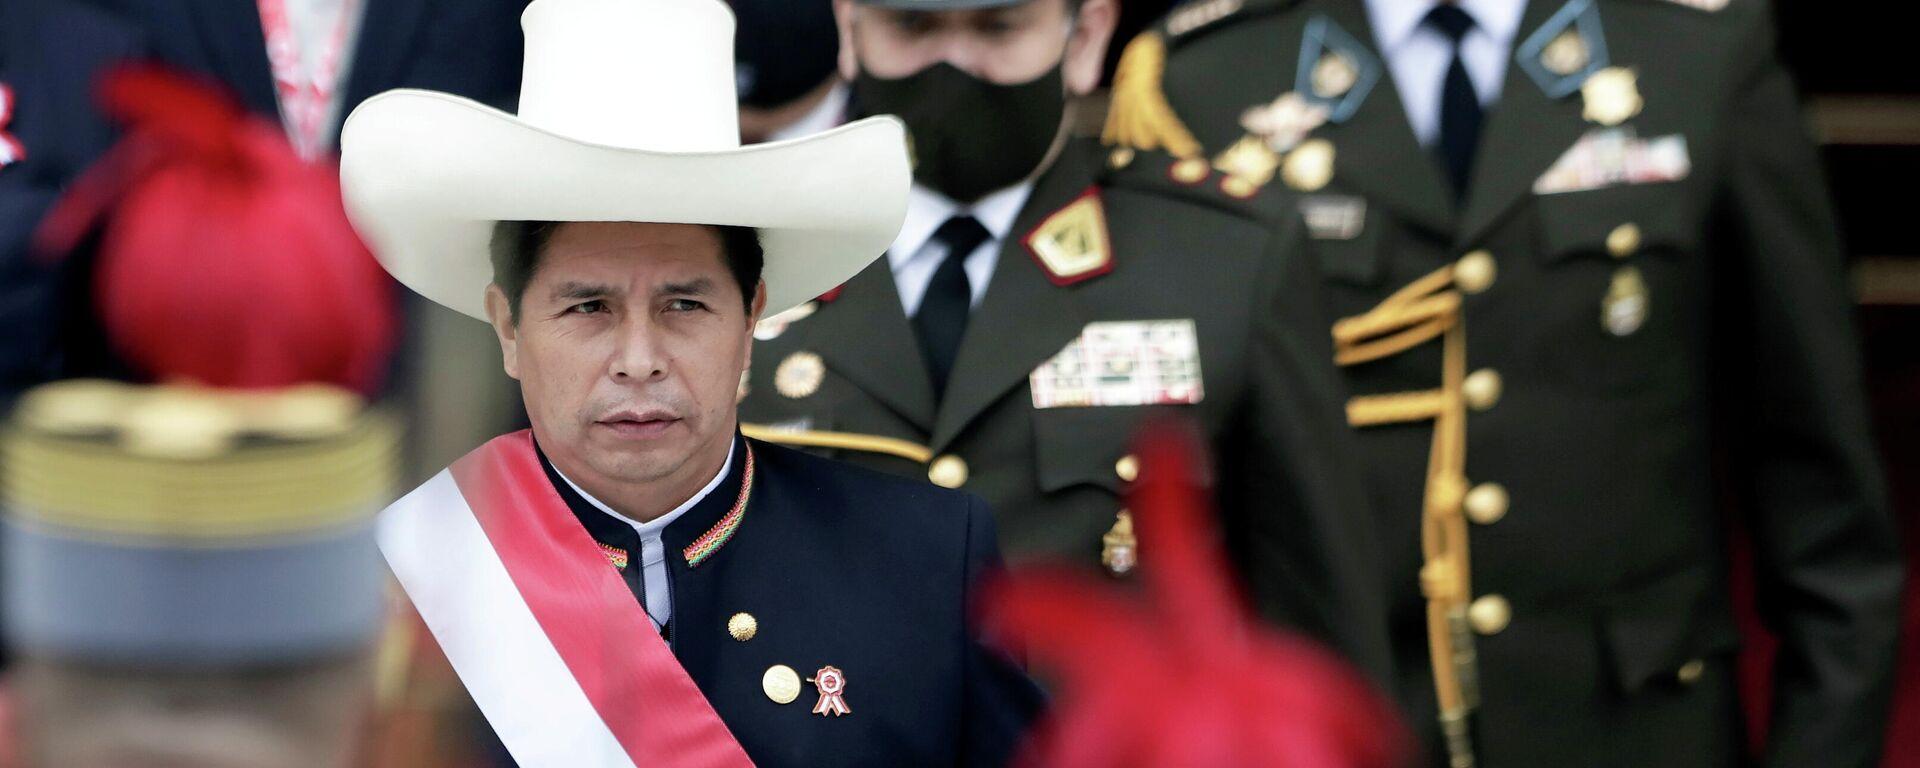 El presidente de Perú, Pedro Castillo - Sputnik Mundo, 1920, 02.08.2021